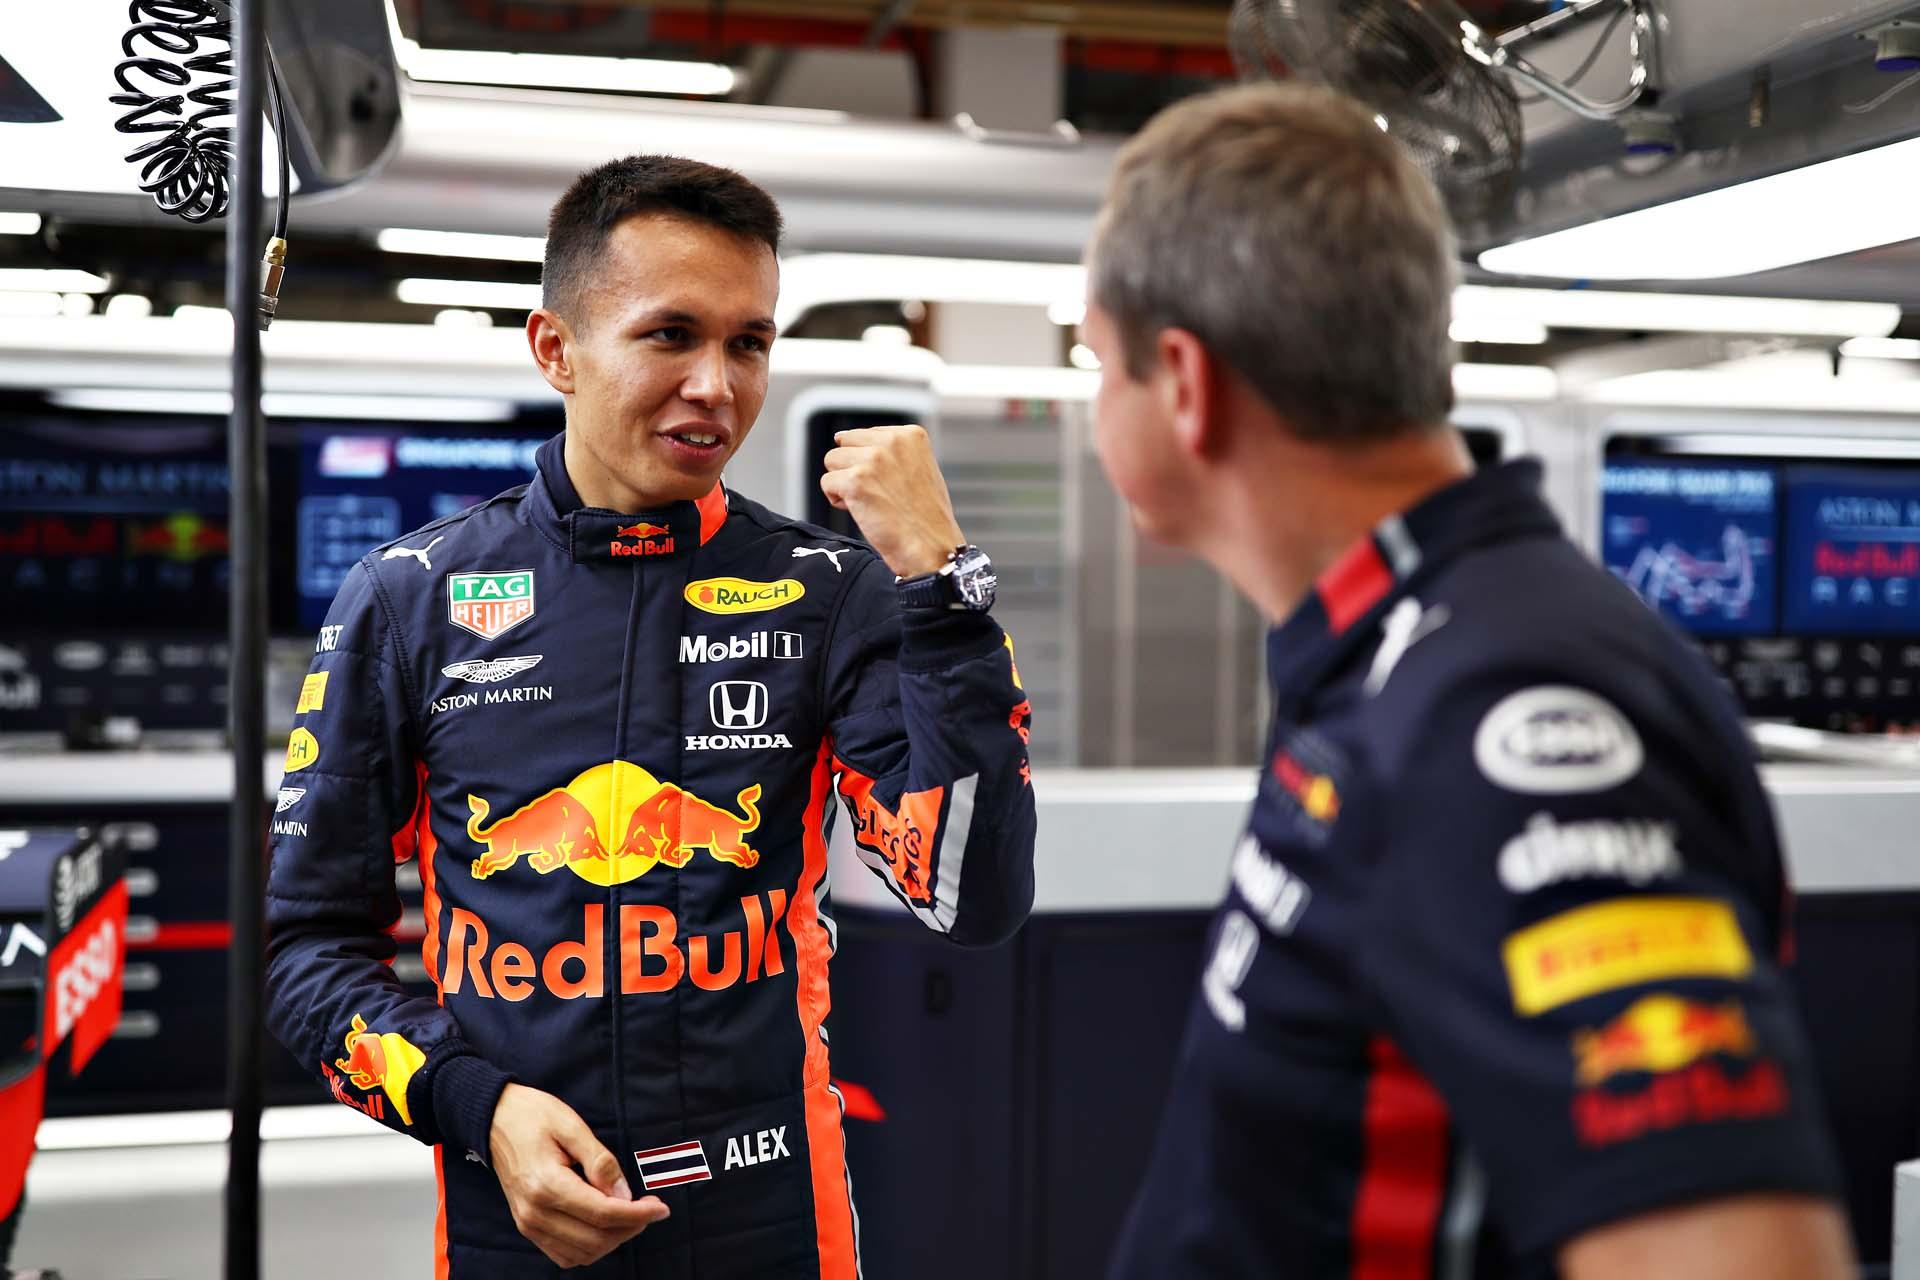 F1 Grand Prix of Singapore - Previews